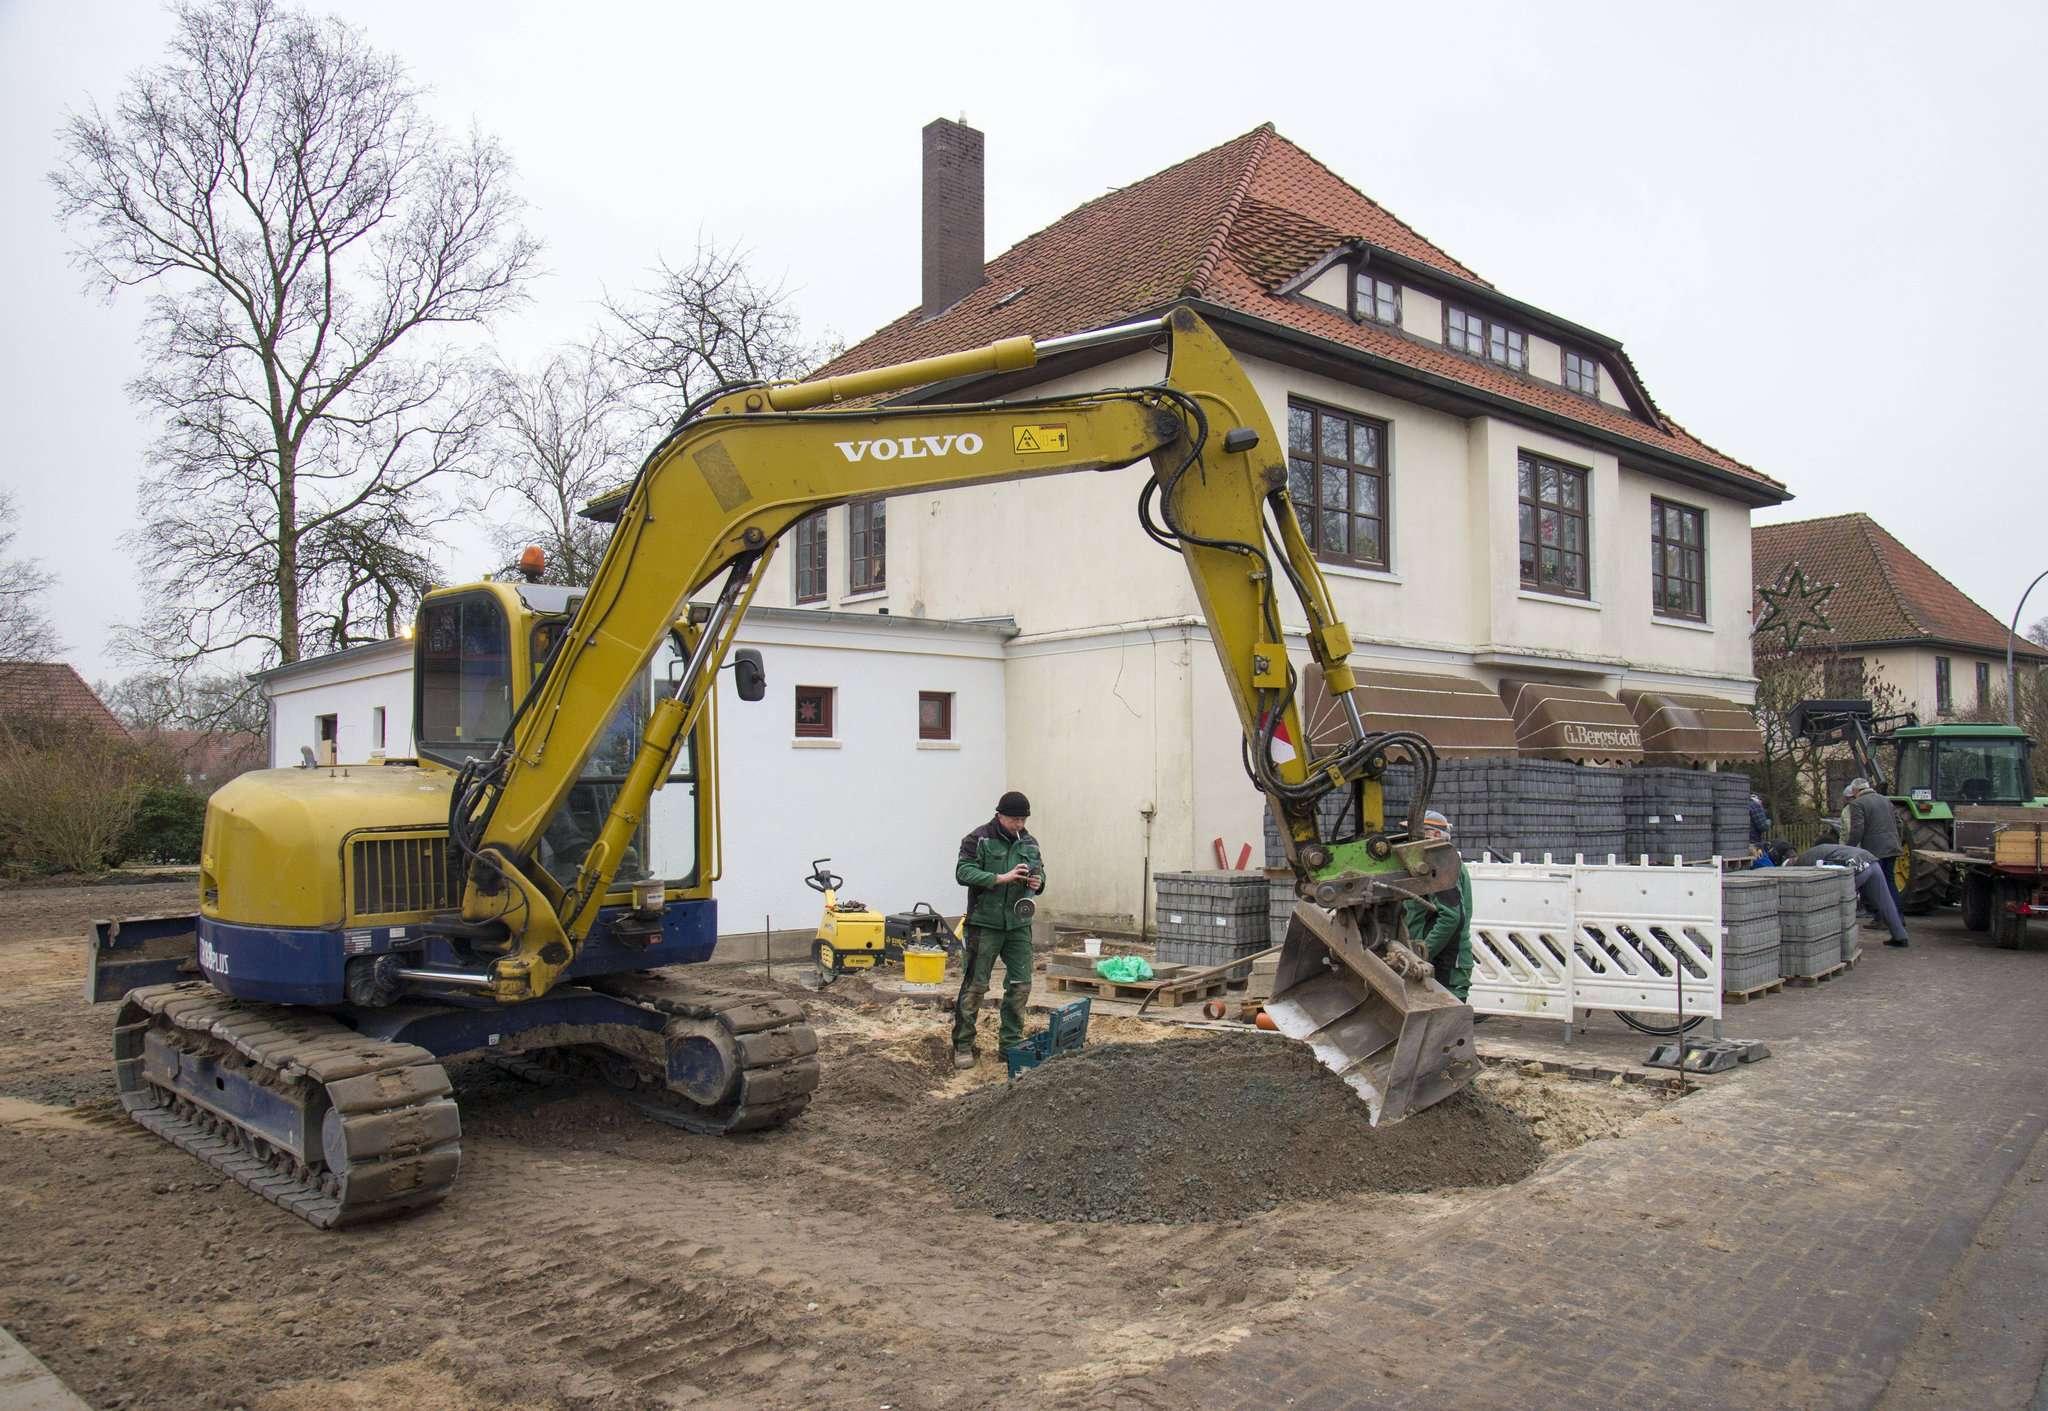 Nicht nur im Inneren vom ehemaligen Kaufhaus Bergstedt wird gebaut. Auch vor der Tür wird gewerkelt. Dort entsteht ein neuer Parkplatz. Foto: Dietmar Plath